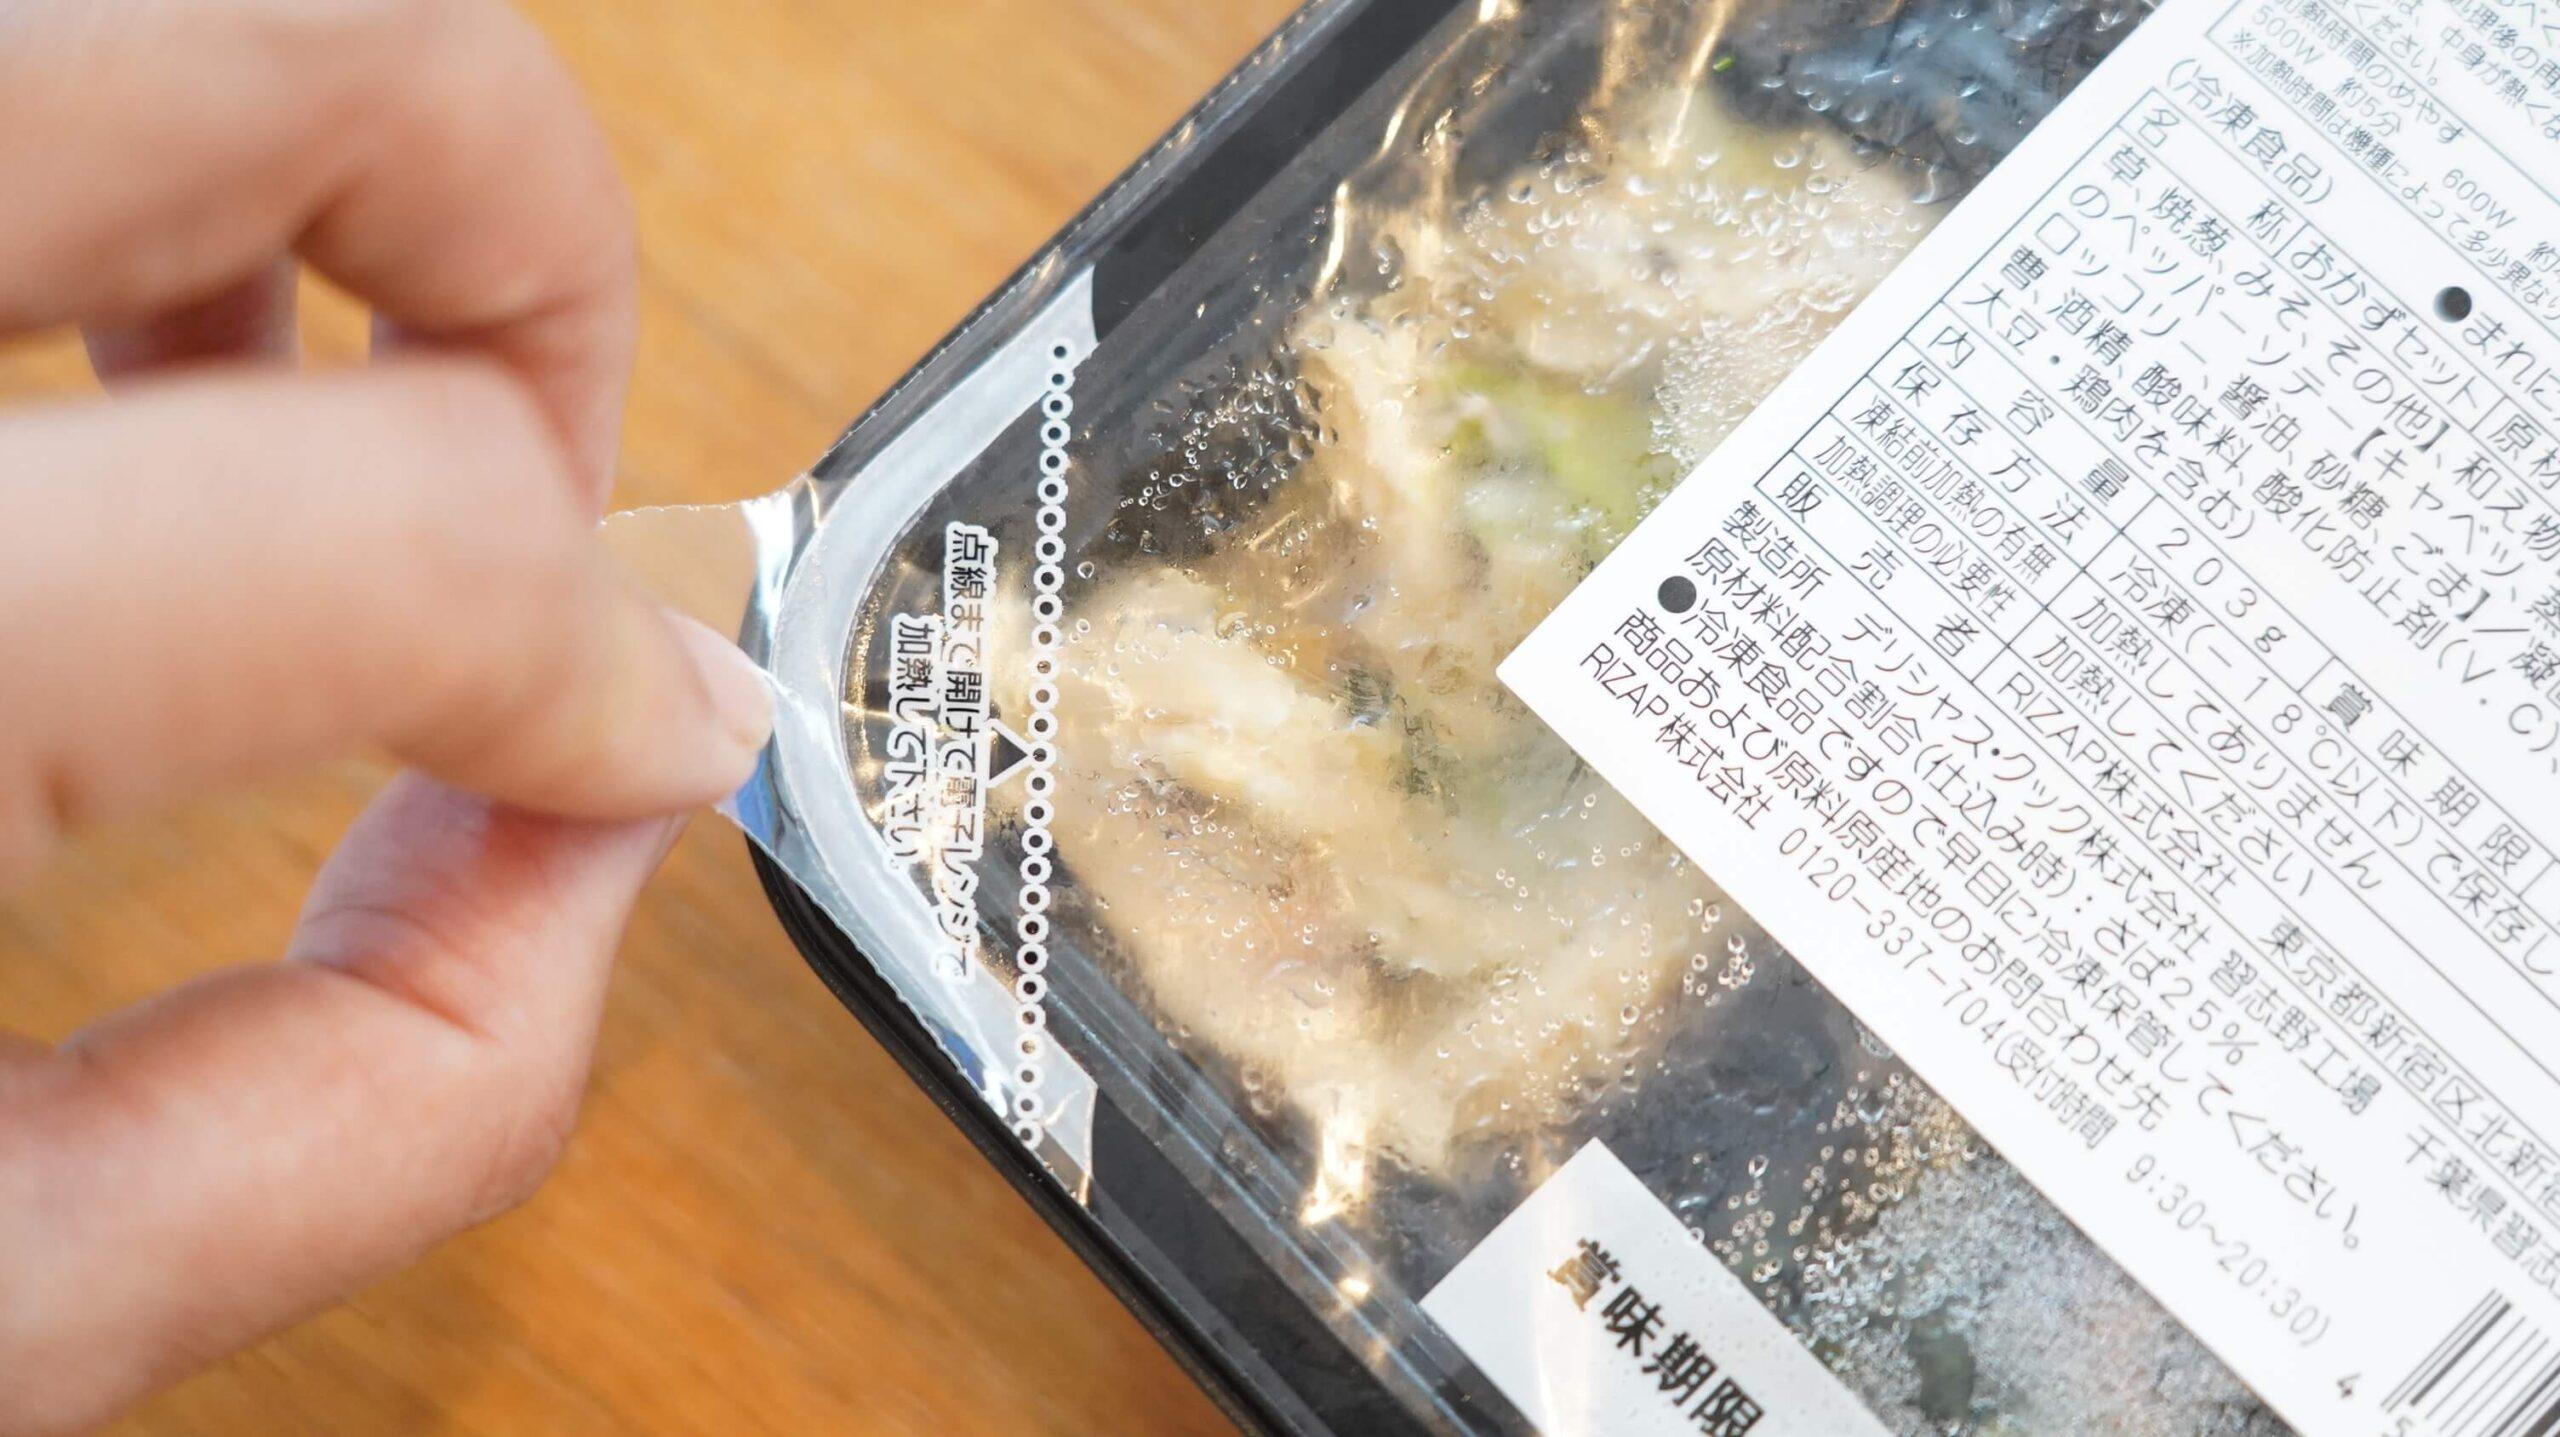 ライザップのサポートミール「さばの味噌煮」のフィルムを開けている写真